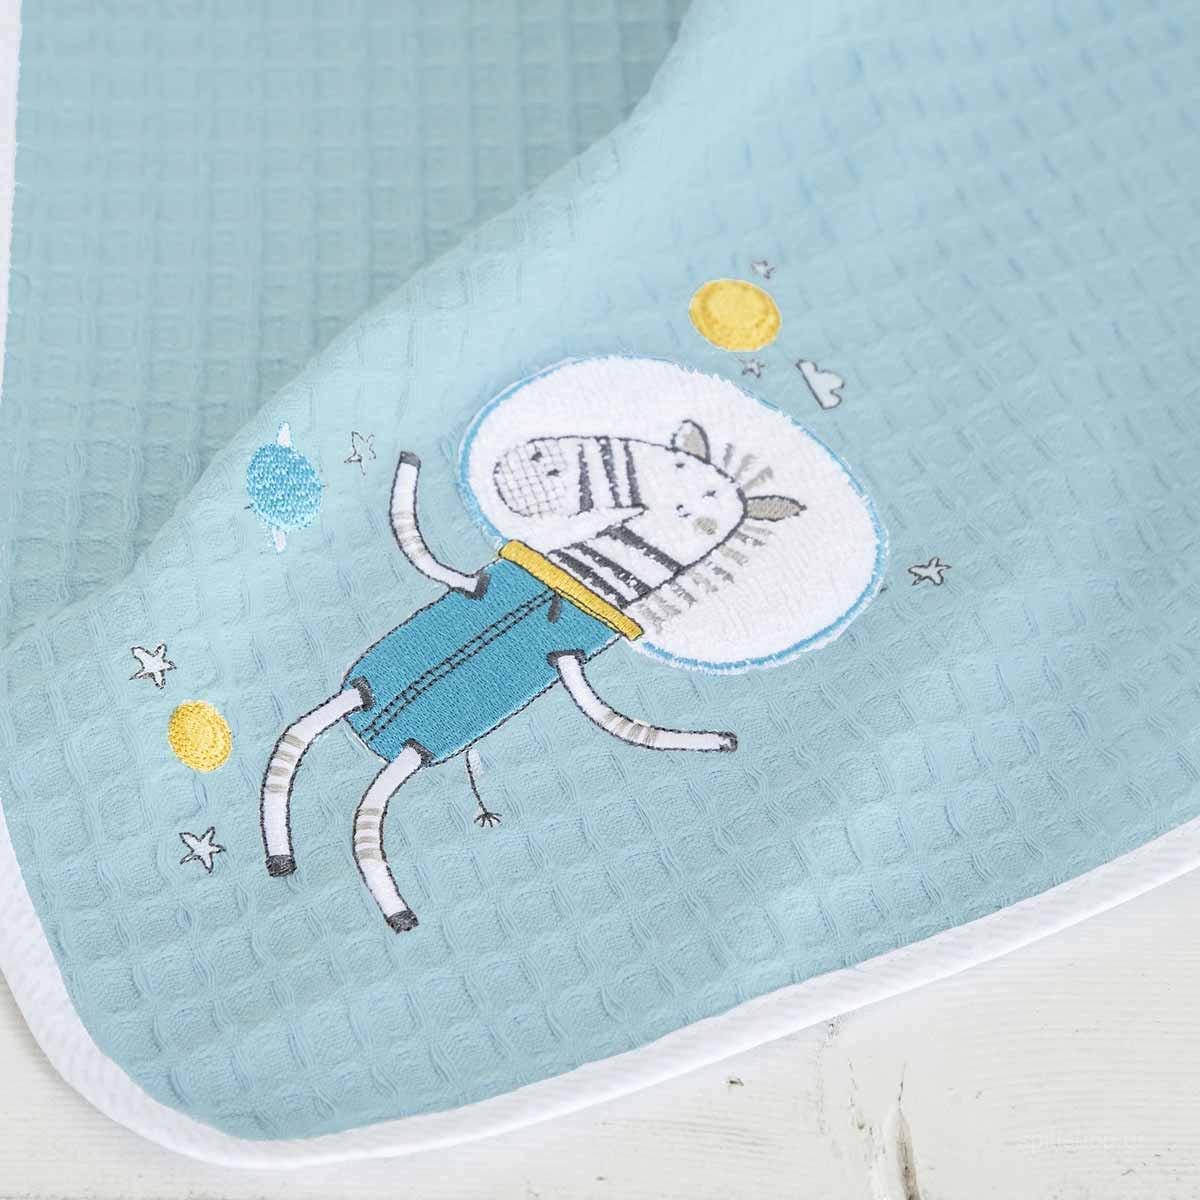 Κουβέρτα Πικέ Κούνιας Nima Baby Space Team home   βρεφικά   κουβέρτες βρεφικές   κουβέρτες καλοκαιρινές